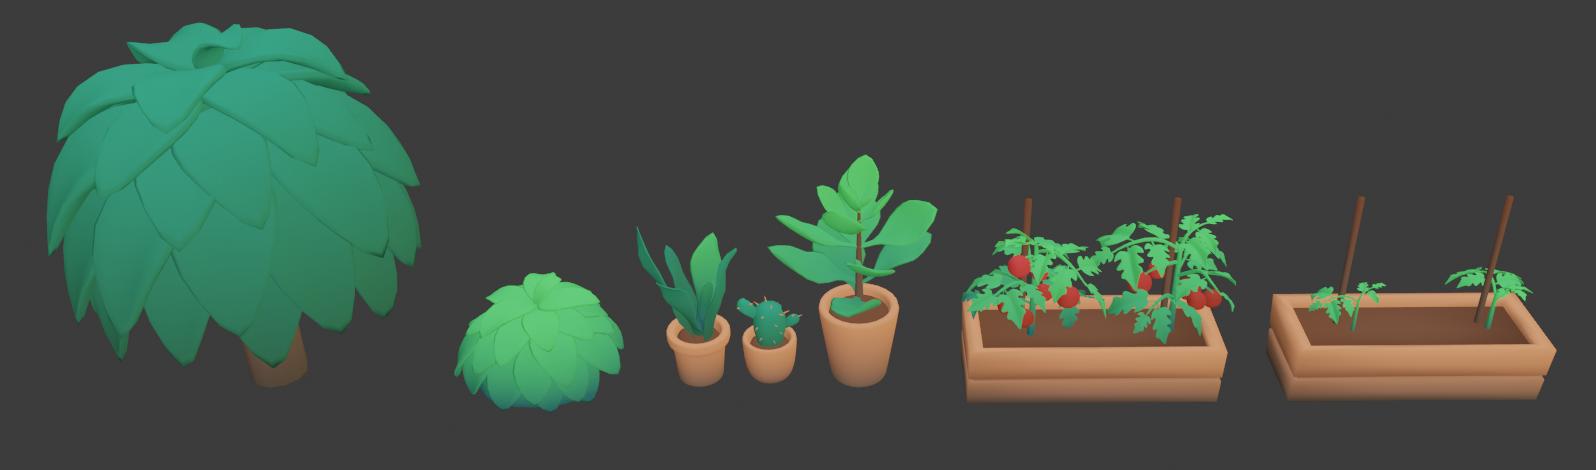 Team KICK AXS - 3D plants